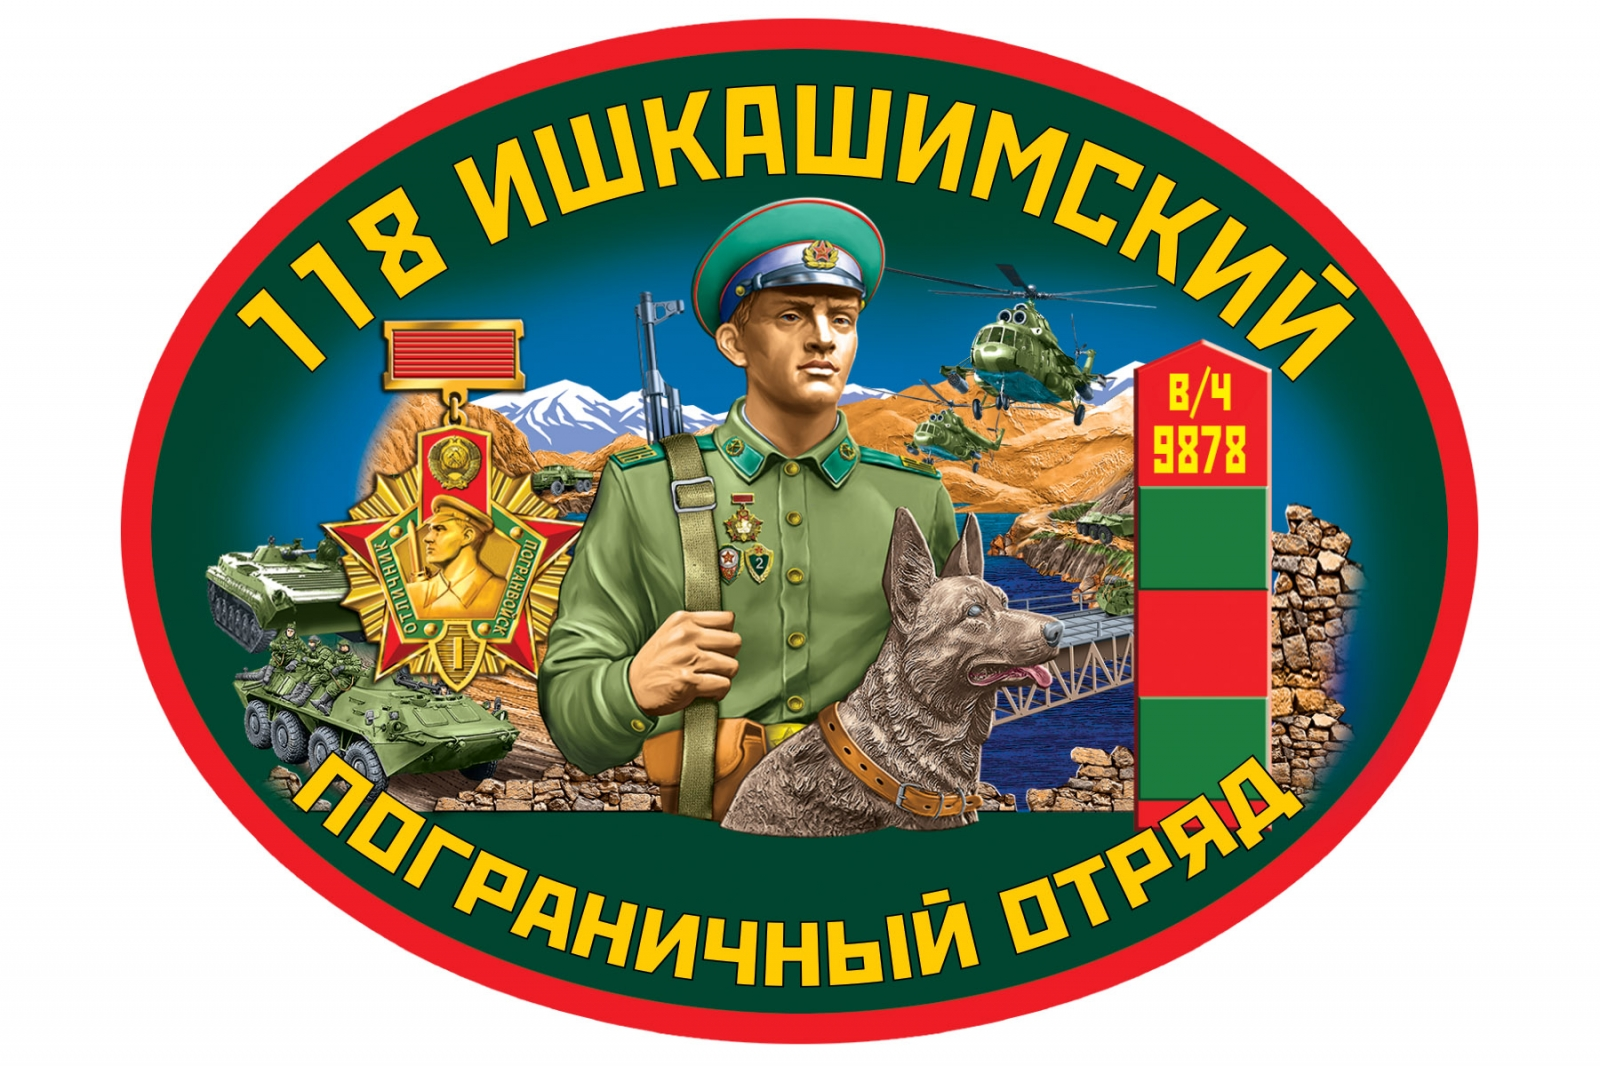 Наклейка на машину 118 Ишкашимский пограничный отряд